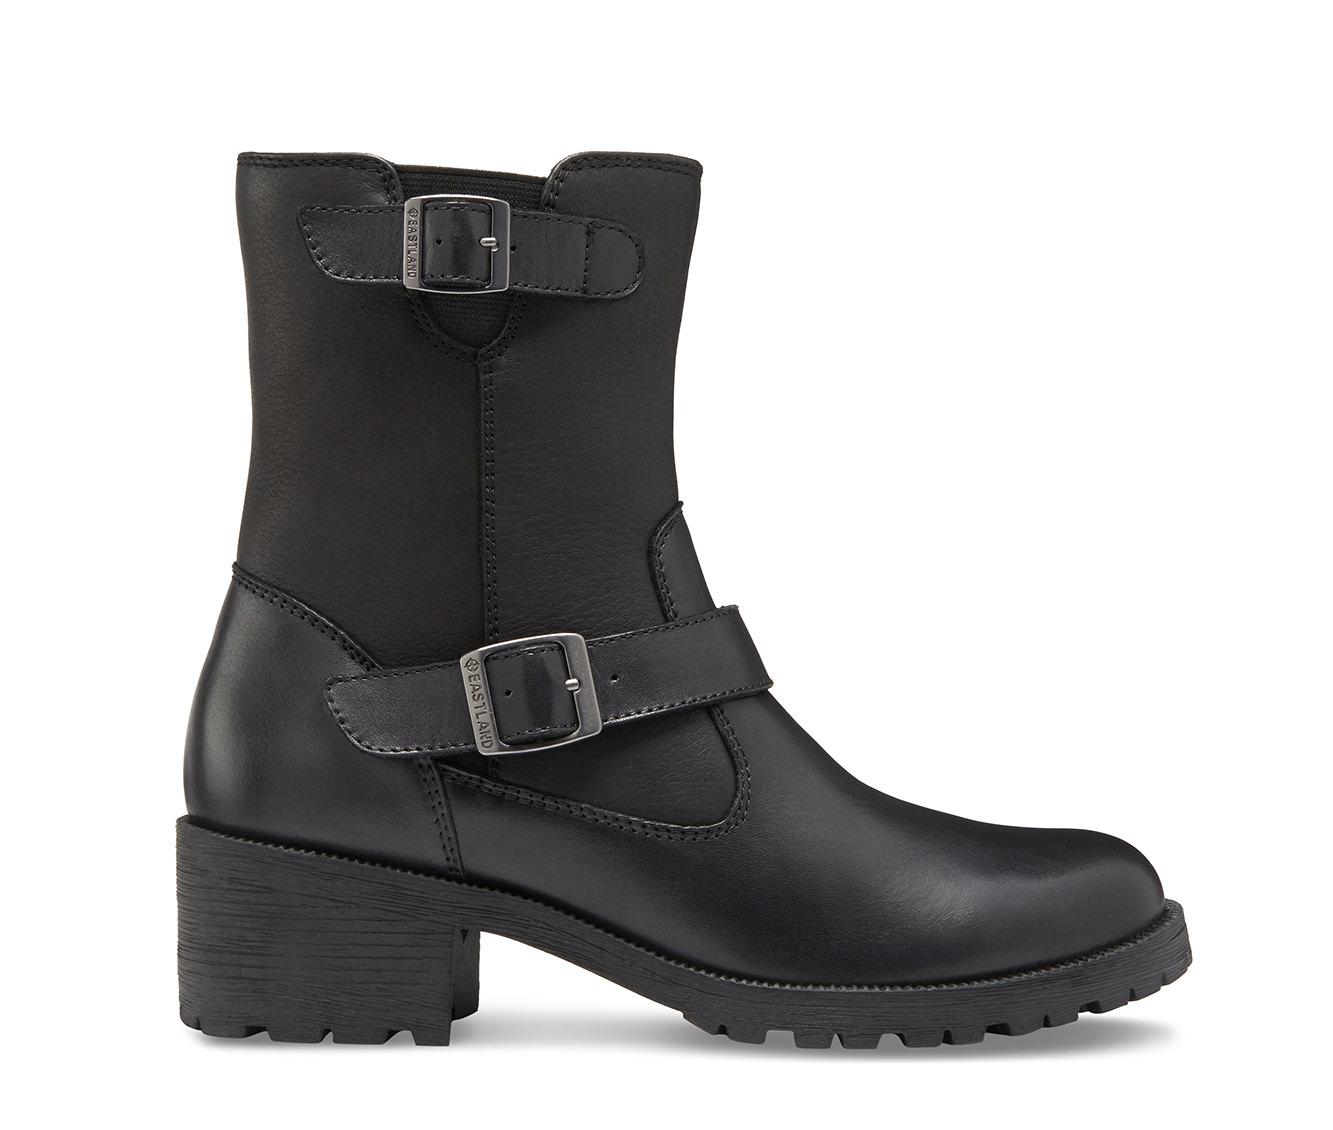 Eastland Belmont Women's Boots (Black - Leather)